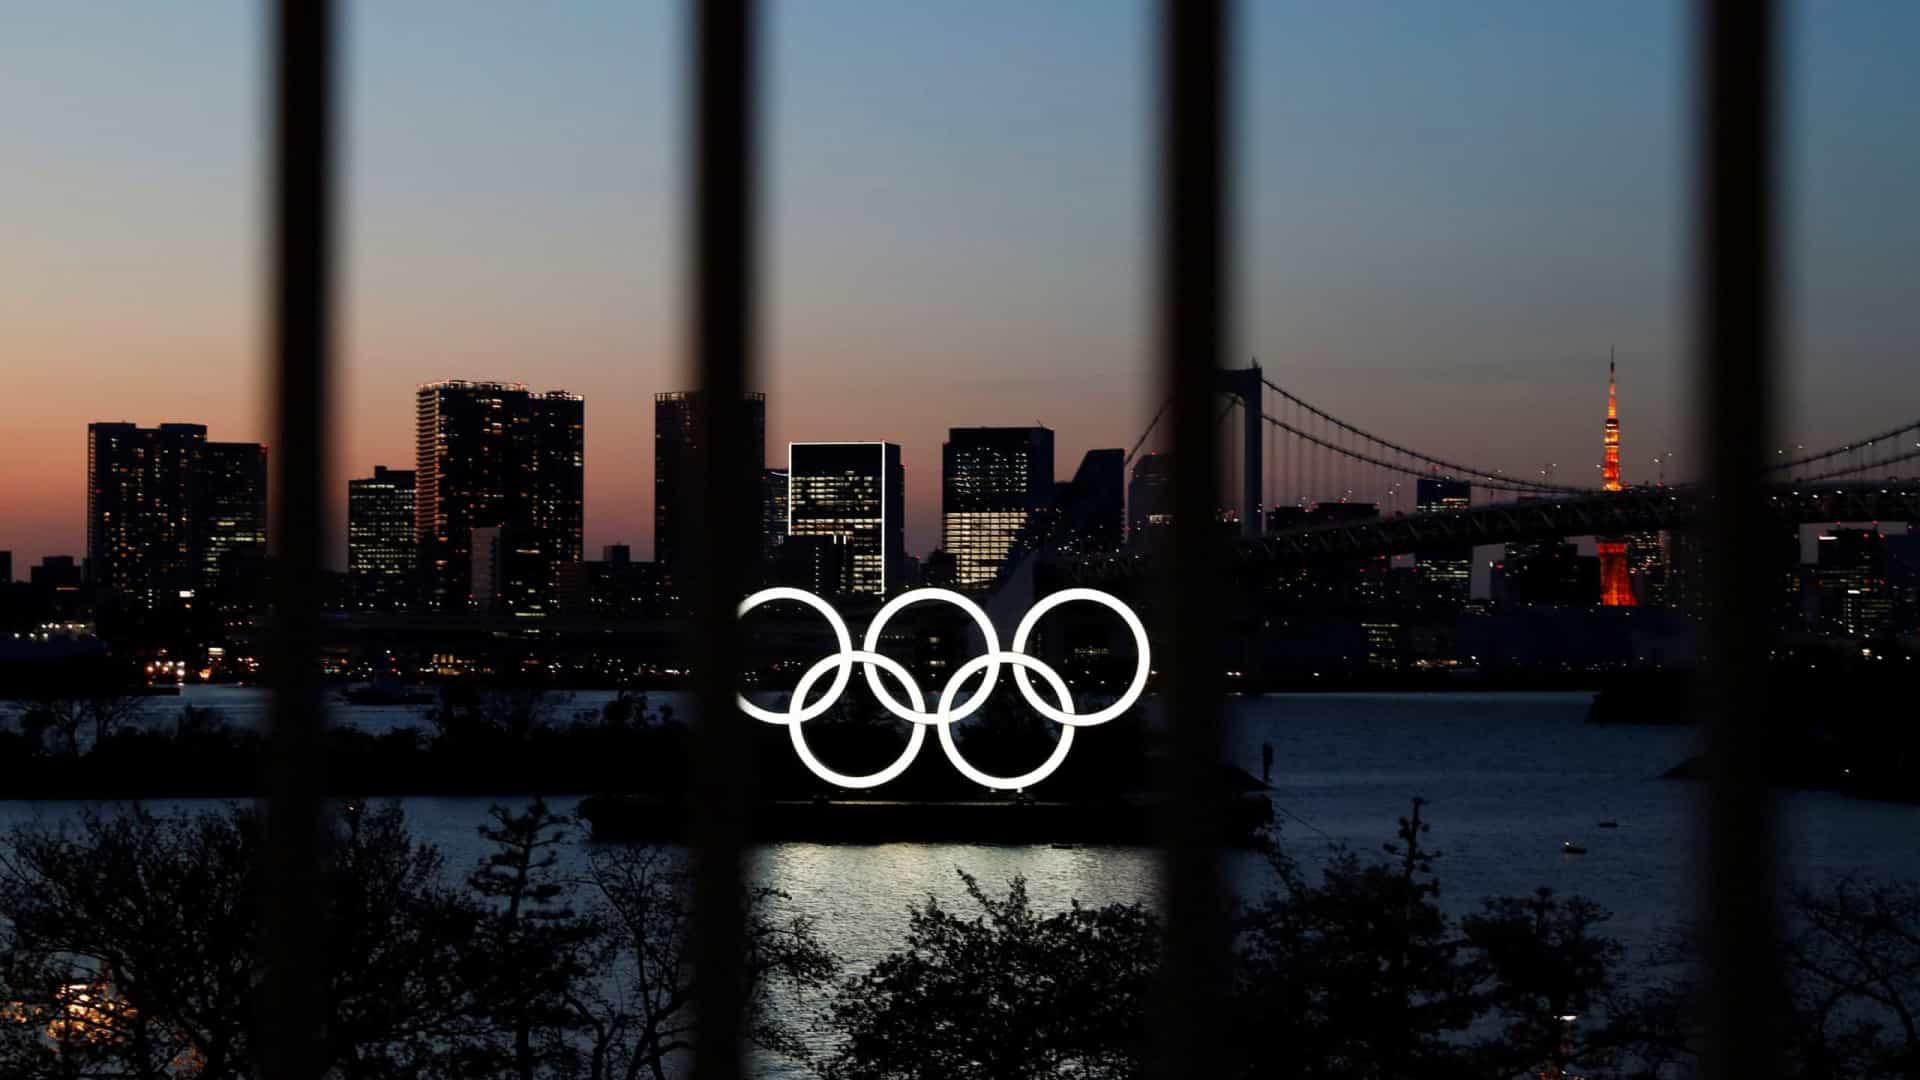 naom 5ebe88c4d2101 - 'Cancelar a Olimpíada teria sido mais fácil', diz presidente do COI